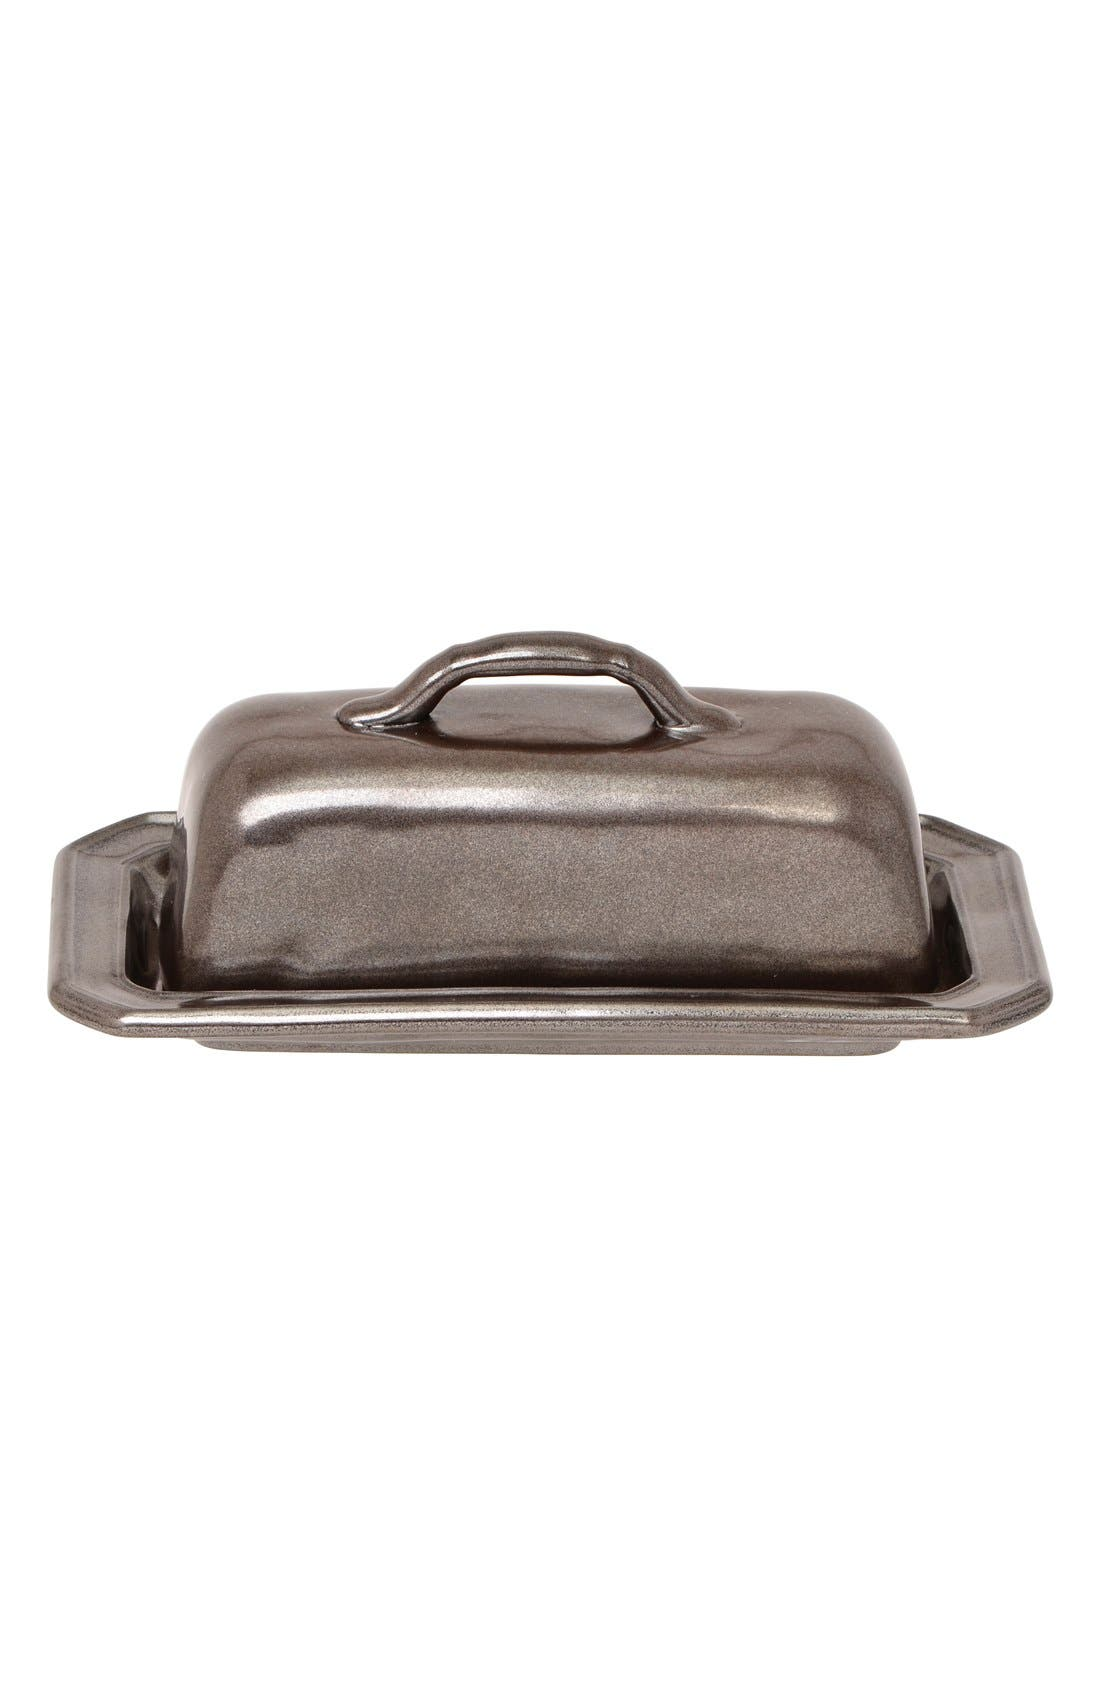 JuliskaPewter Stoneware Butter Dish